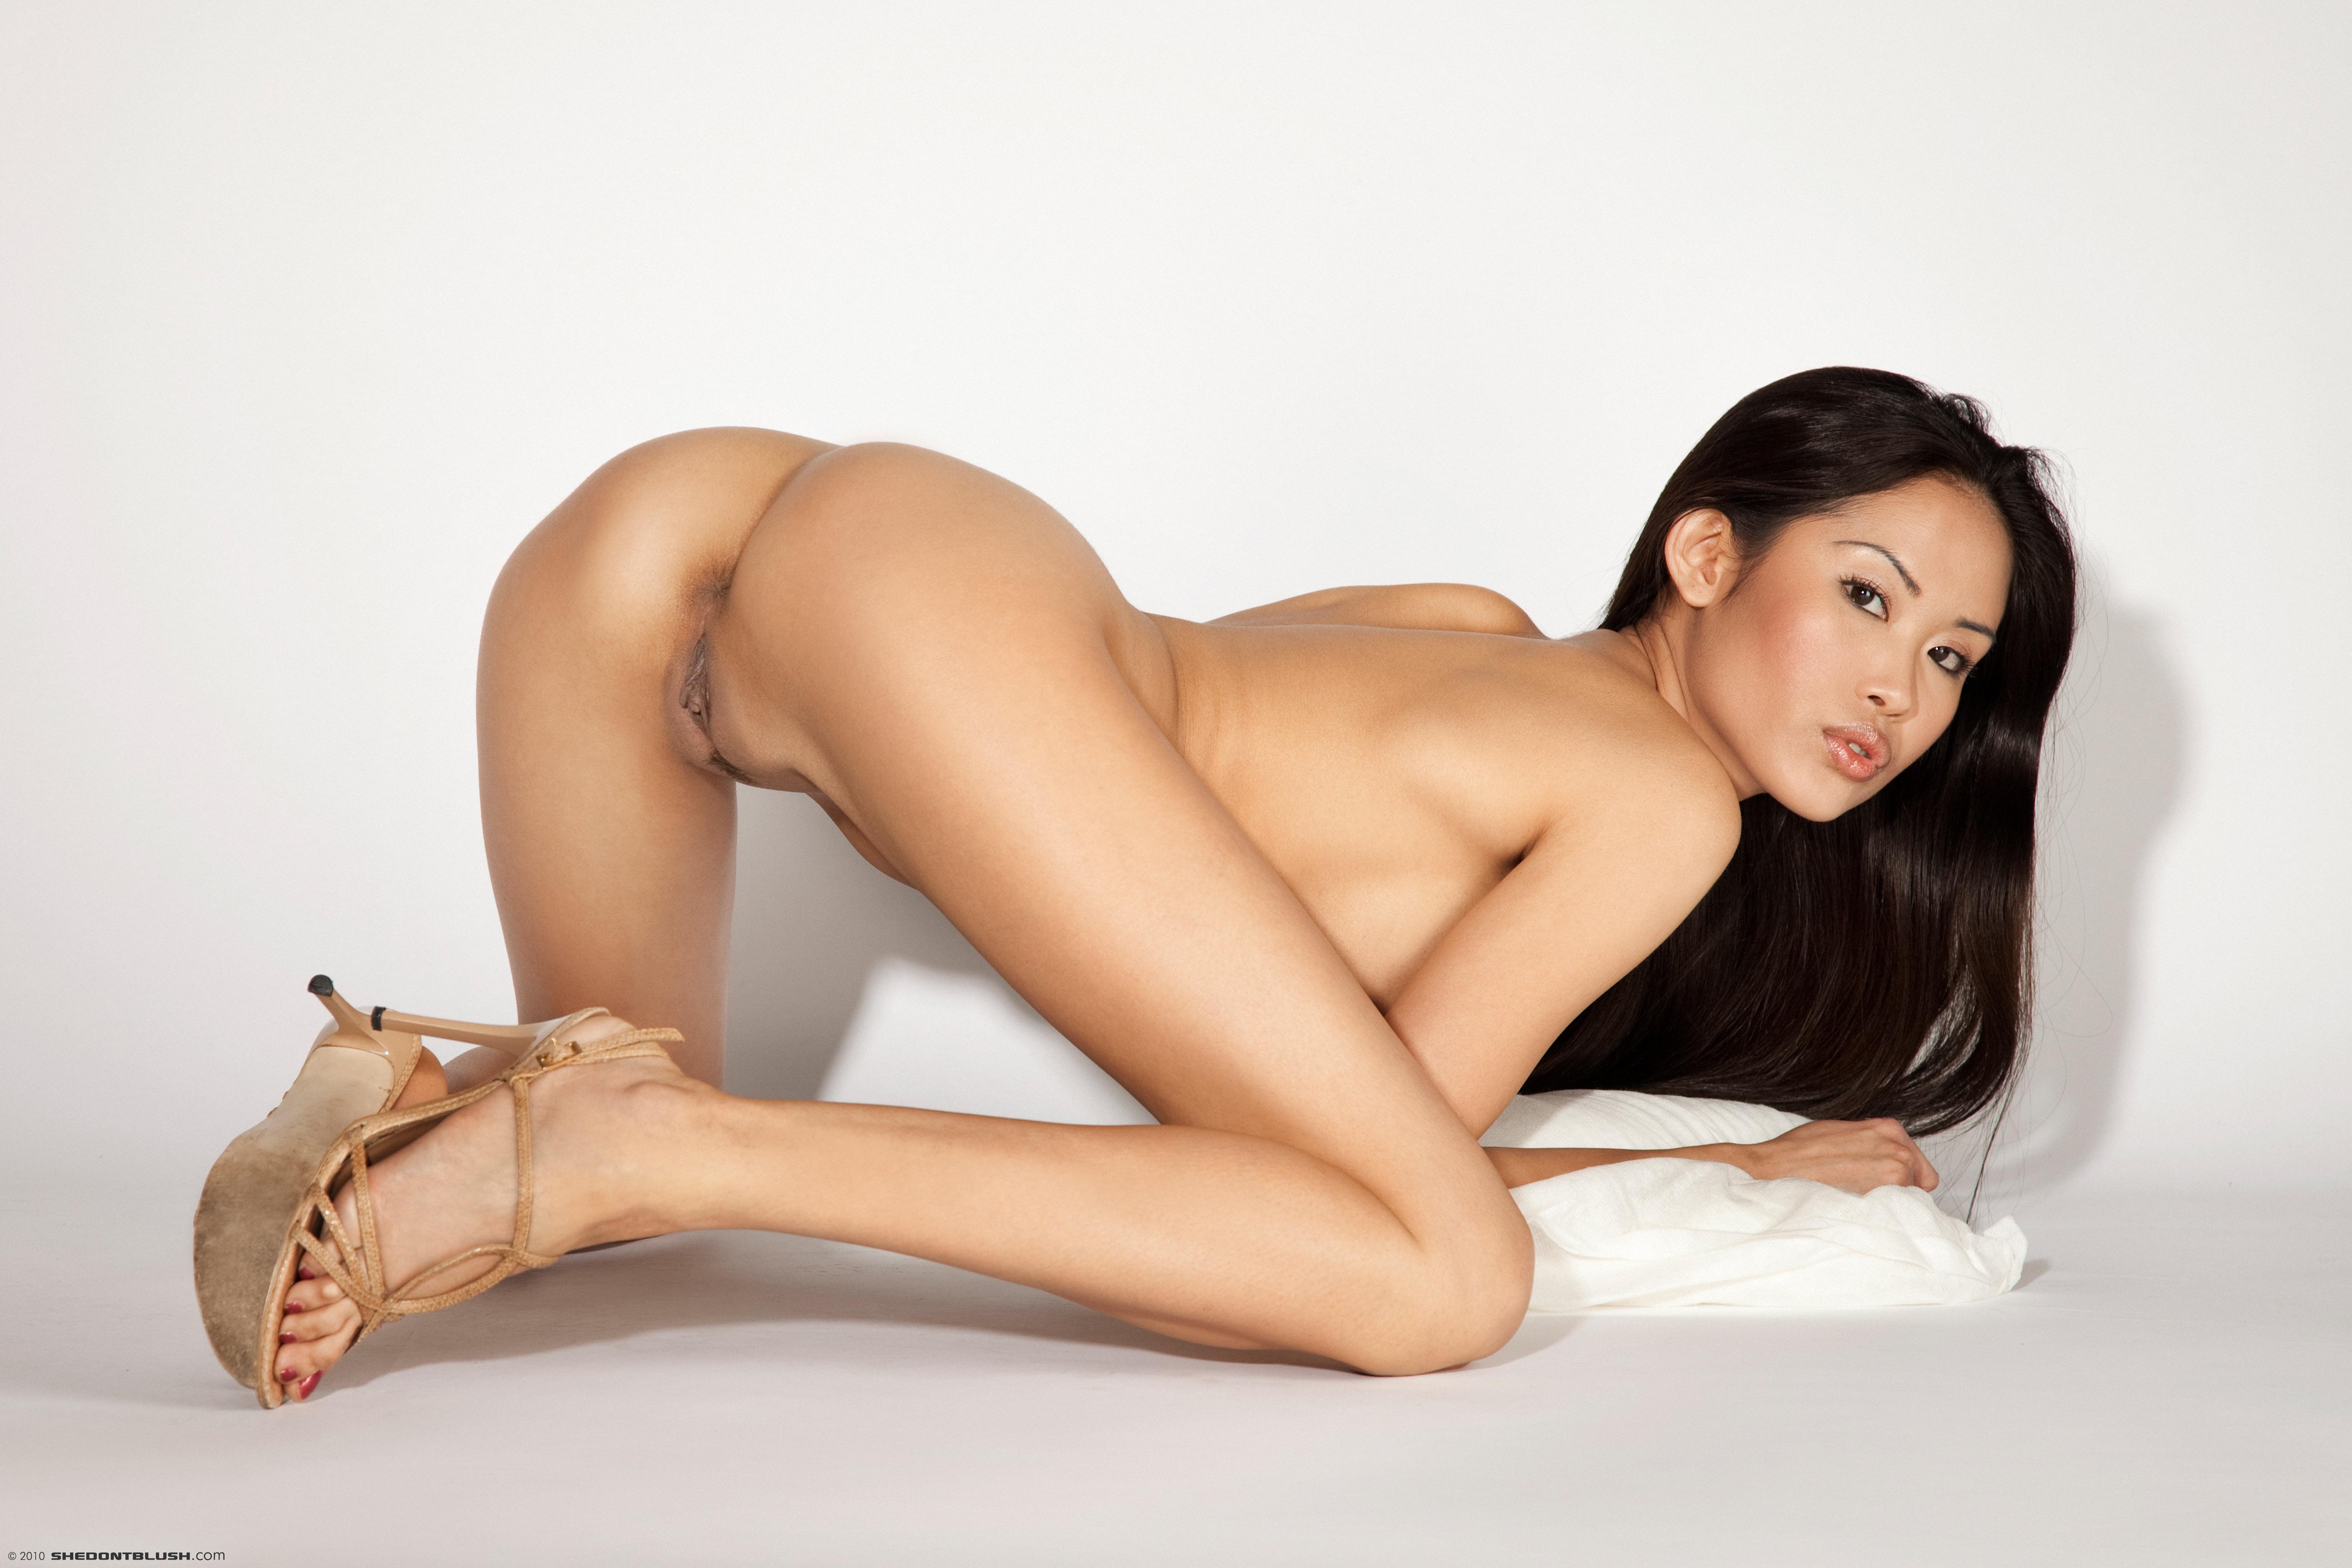 brunette asian beauties nude